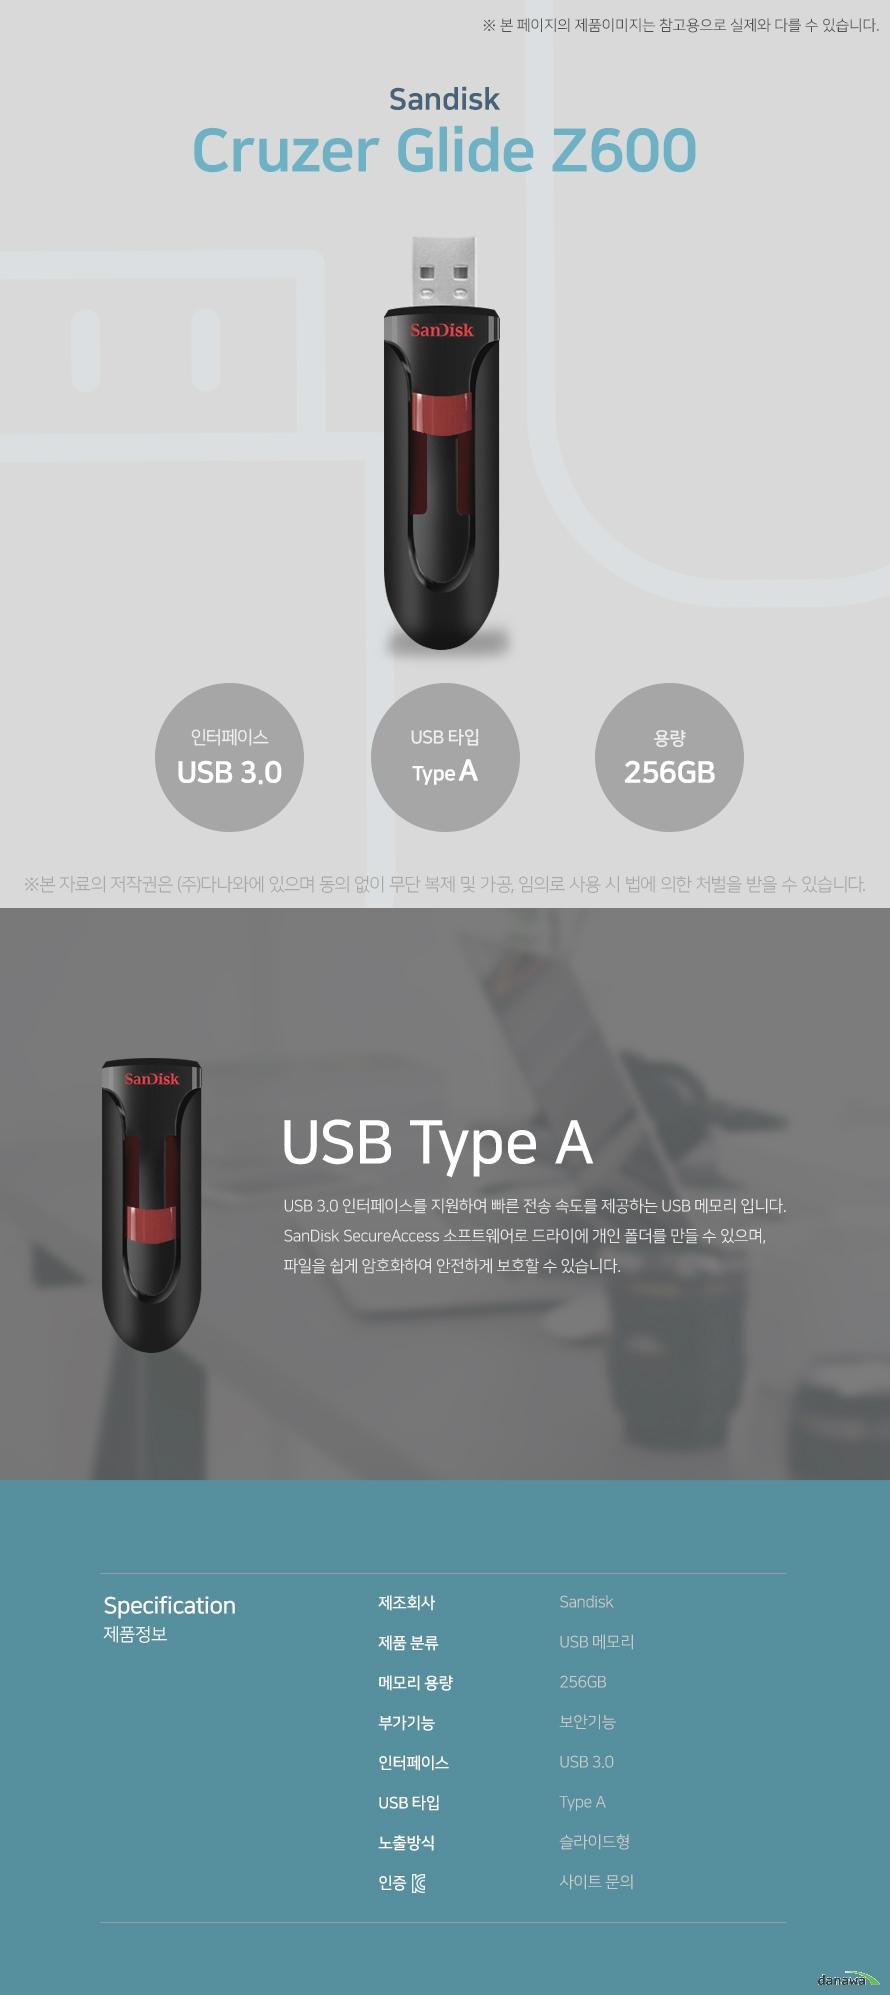 샌디스크 크루저 글라이드 Z600 USB Type A USB 3.0 인터페이스를 지원하여 빠른 전송 속도를 제공하는 USB 메모리입니다. SanDisk SecureAccess 소프트웨어로 드라이브에 개인 폴더를 만들 수 있으며, 파일을 쉽게 암호화하여 안전하게 보호할 수 있습니다. 스펙 제조회사 샌디스크 제품 분류 USB 메모리 메모리 용량 256GB 부가기능 보안기능 인터페이스 USB 3.0 USB 타입 Type A 노출방식 슬라이드형 KC인증 사이트 문의